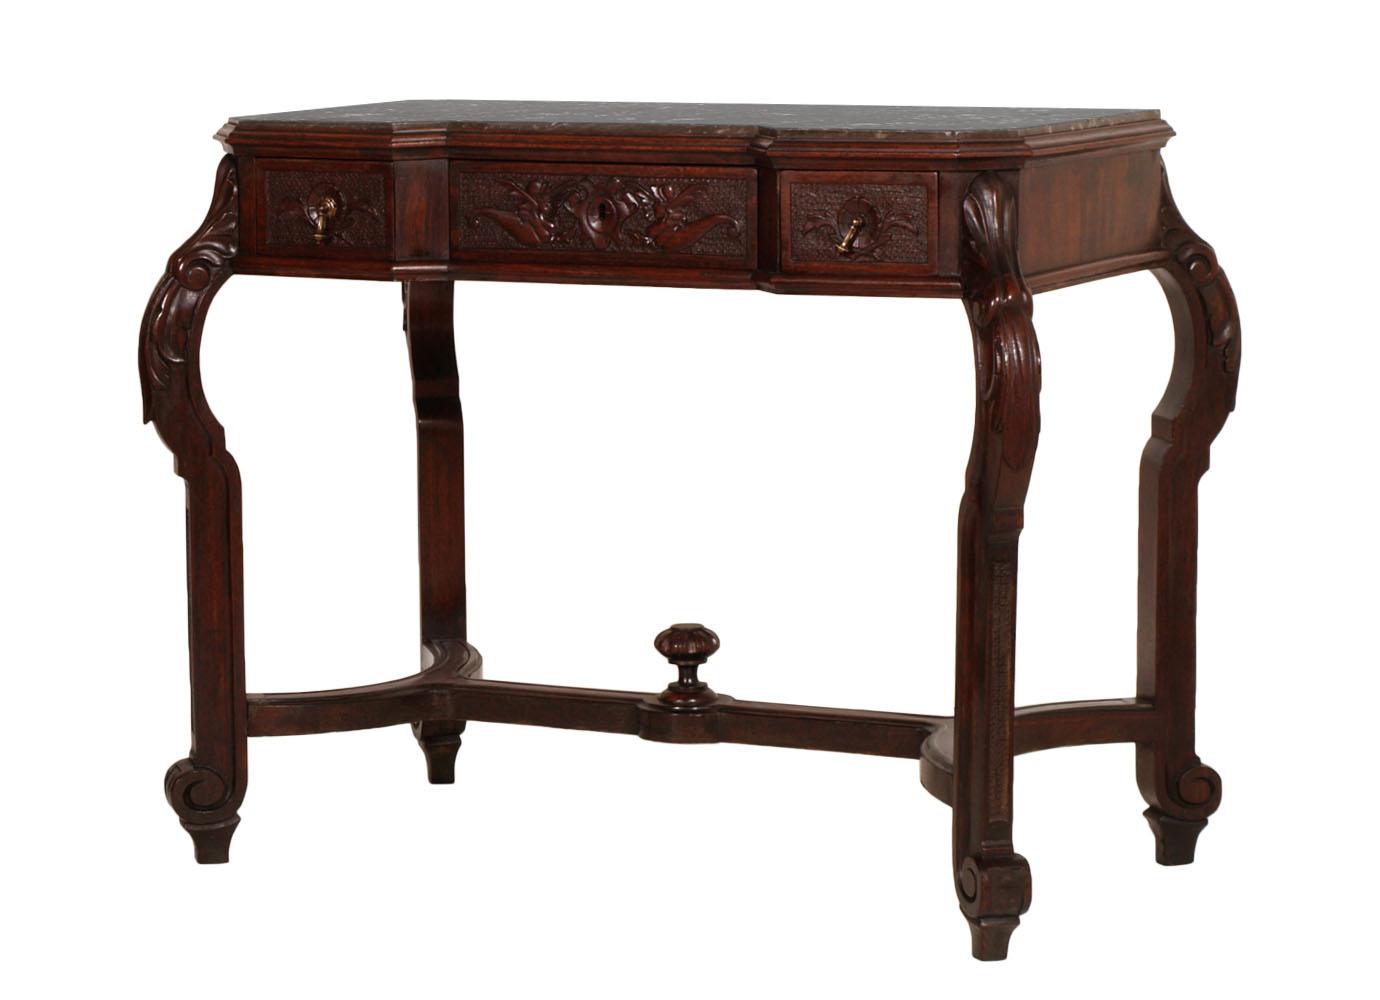 antica console scrittoio liberty fine 39 800 in noce con piano in marmo ma c22 ebay. Black Bedroom Furniture Sets. Home Design Ideas